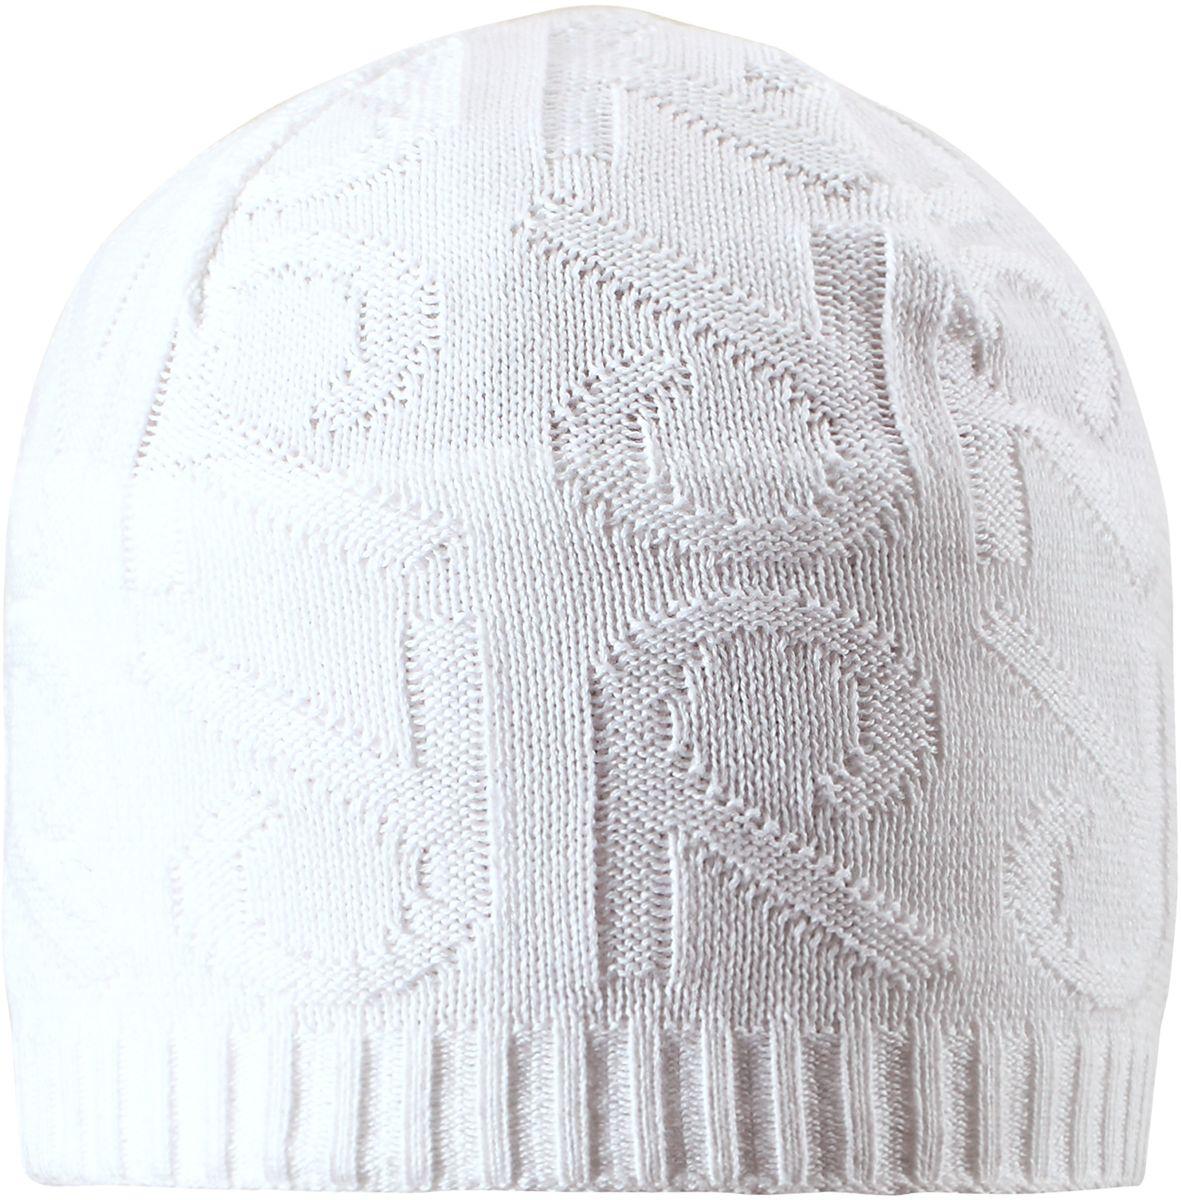 Шапка детская5285110100Стильная вязаная шапочка для малышей подходит на все случаи жизни. Благодаря модному рисунку она отлично сочетается с разными вариантами одежды. Полуподкладка из хлопчатобумажного трикотажа гарантирует тепло, а ветронепроницаемые вставки между верхним слоем и подкладкой, защищают уши. Светоотражающие детали помогут лучше разглядеть ребенка в темное время суток.